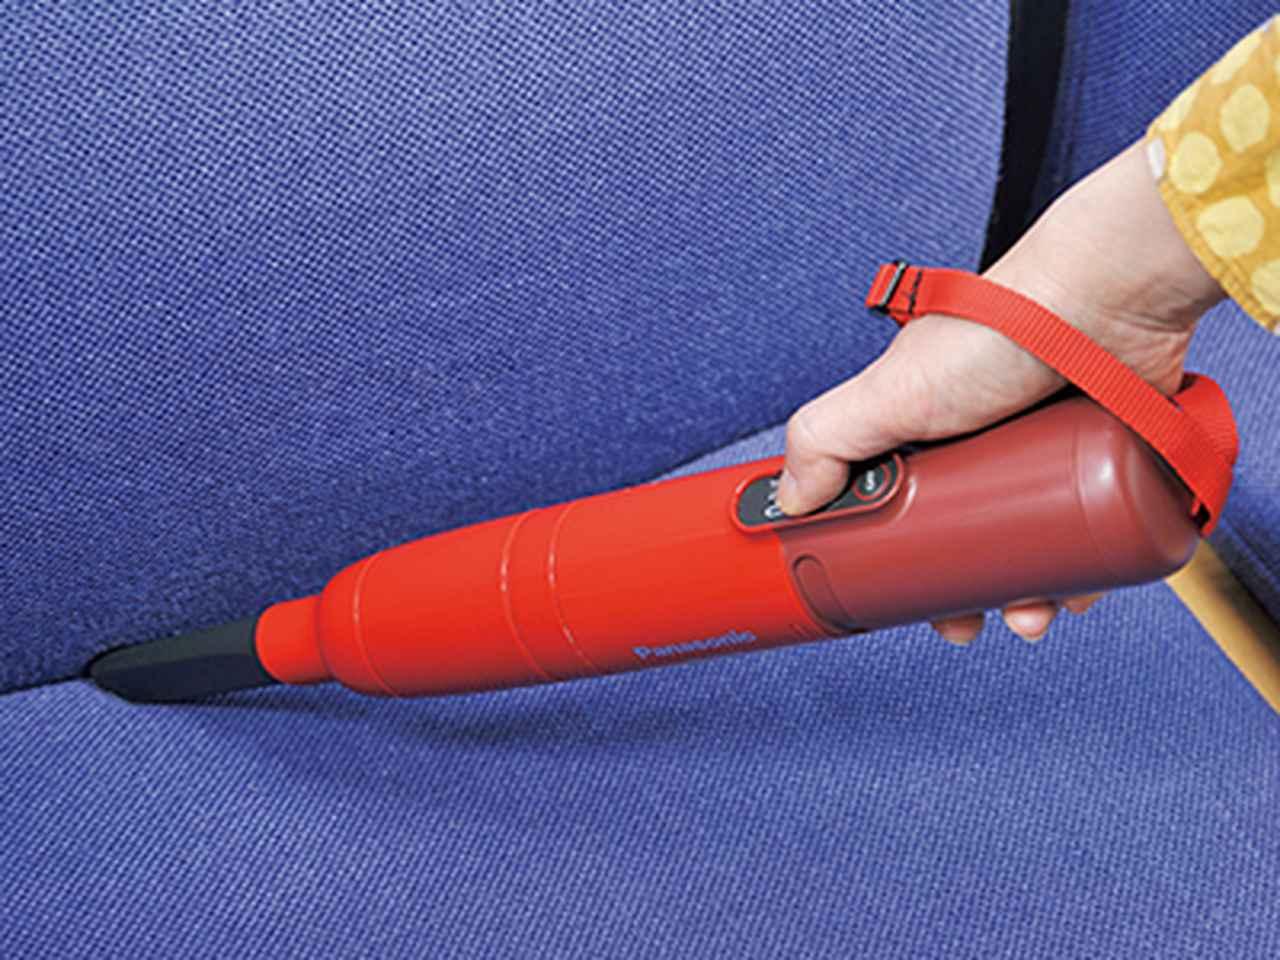 画像: 付属のすき間ノズルを装着すれば、ソファーやキーボードのゴミにも対応。